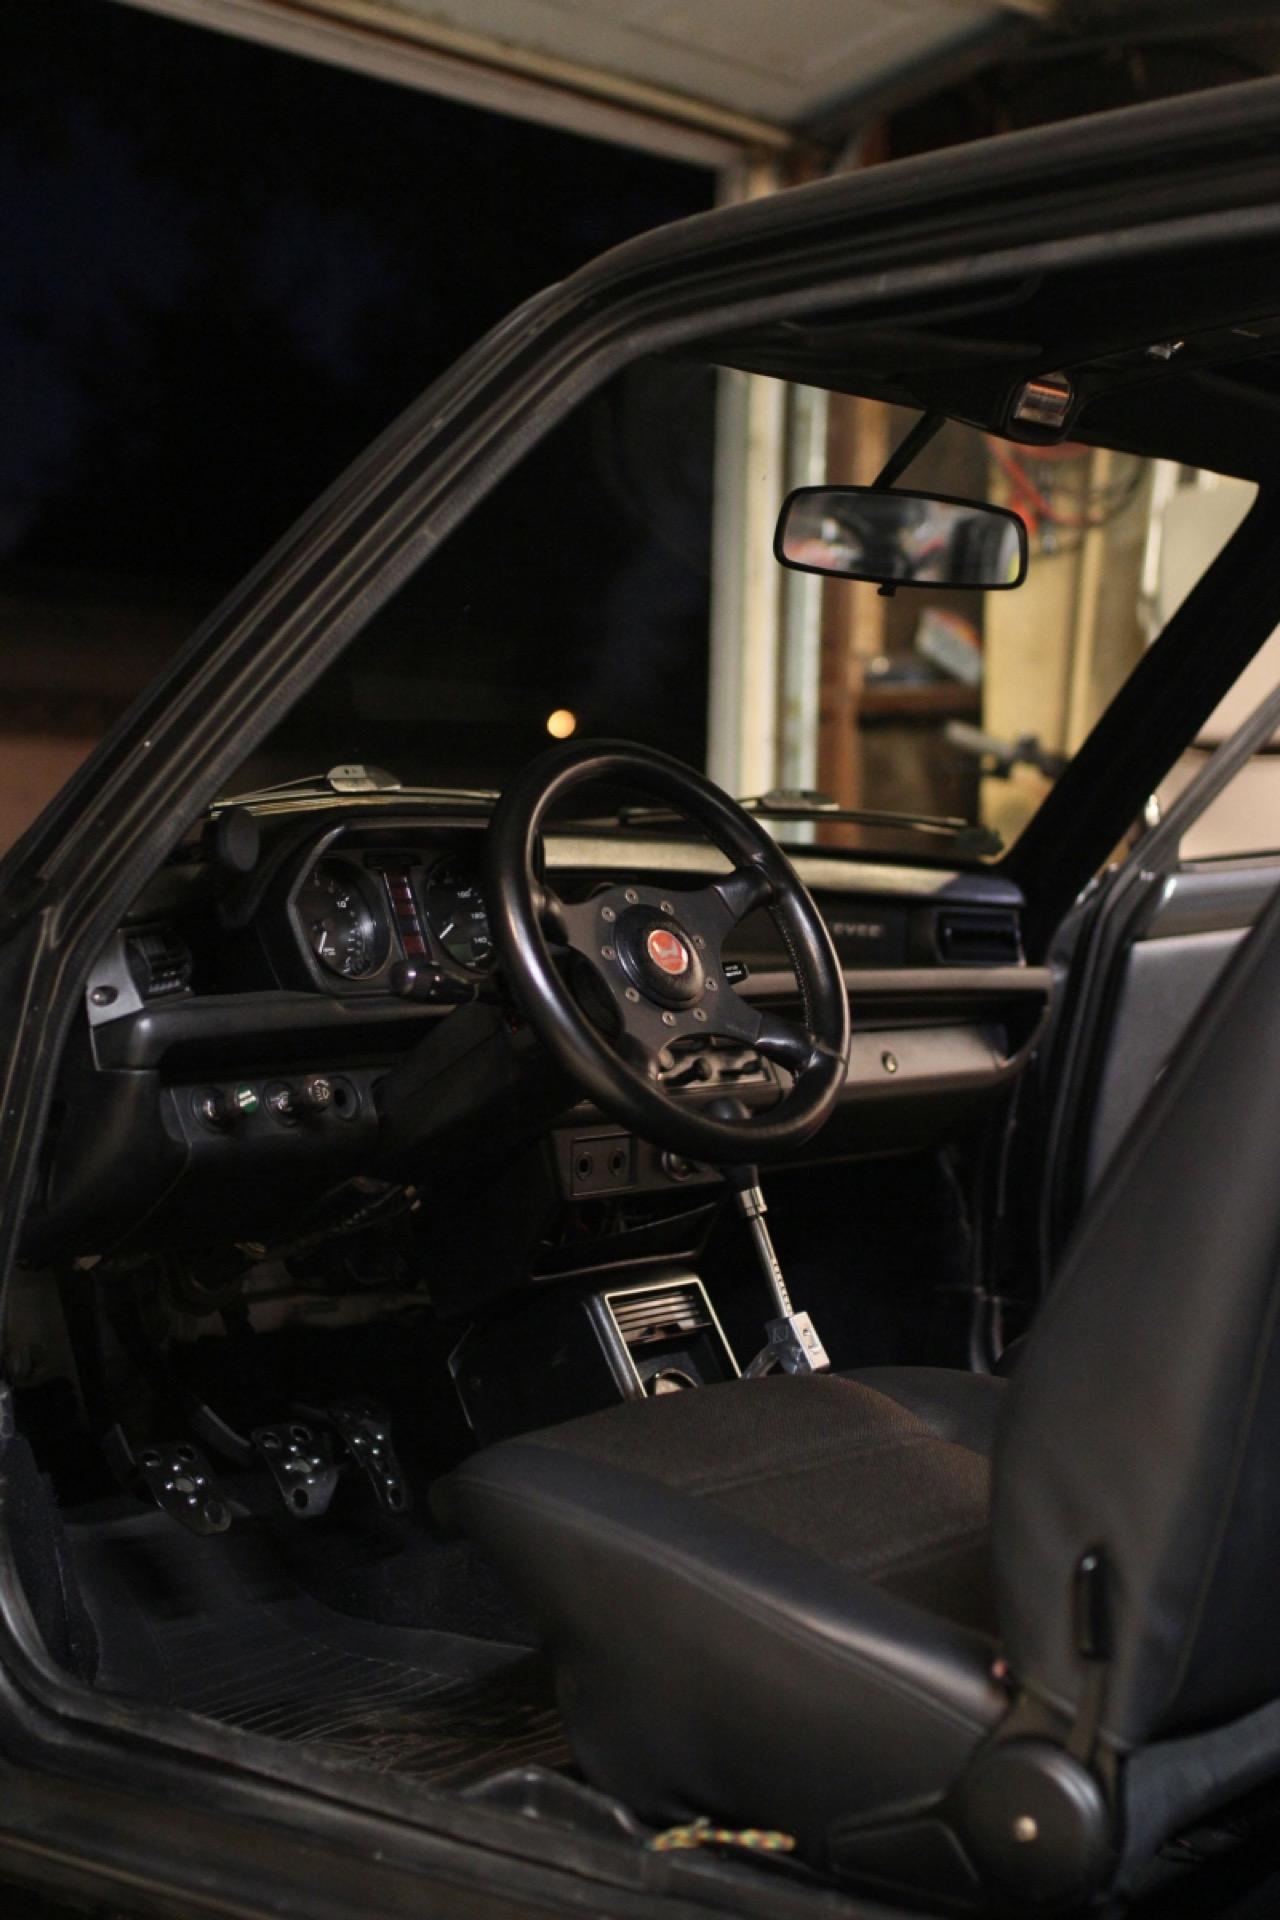 '78 Honda Civic - 218 ch pour 750 kg ! 9